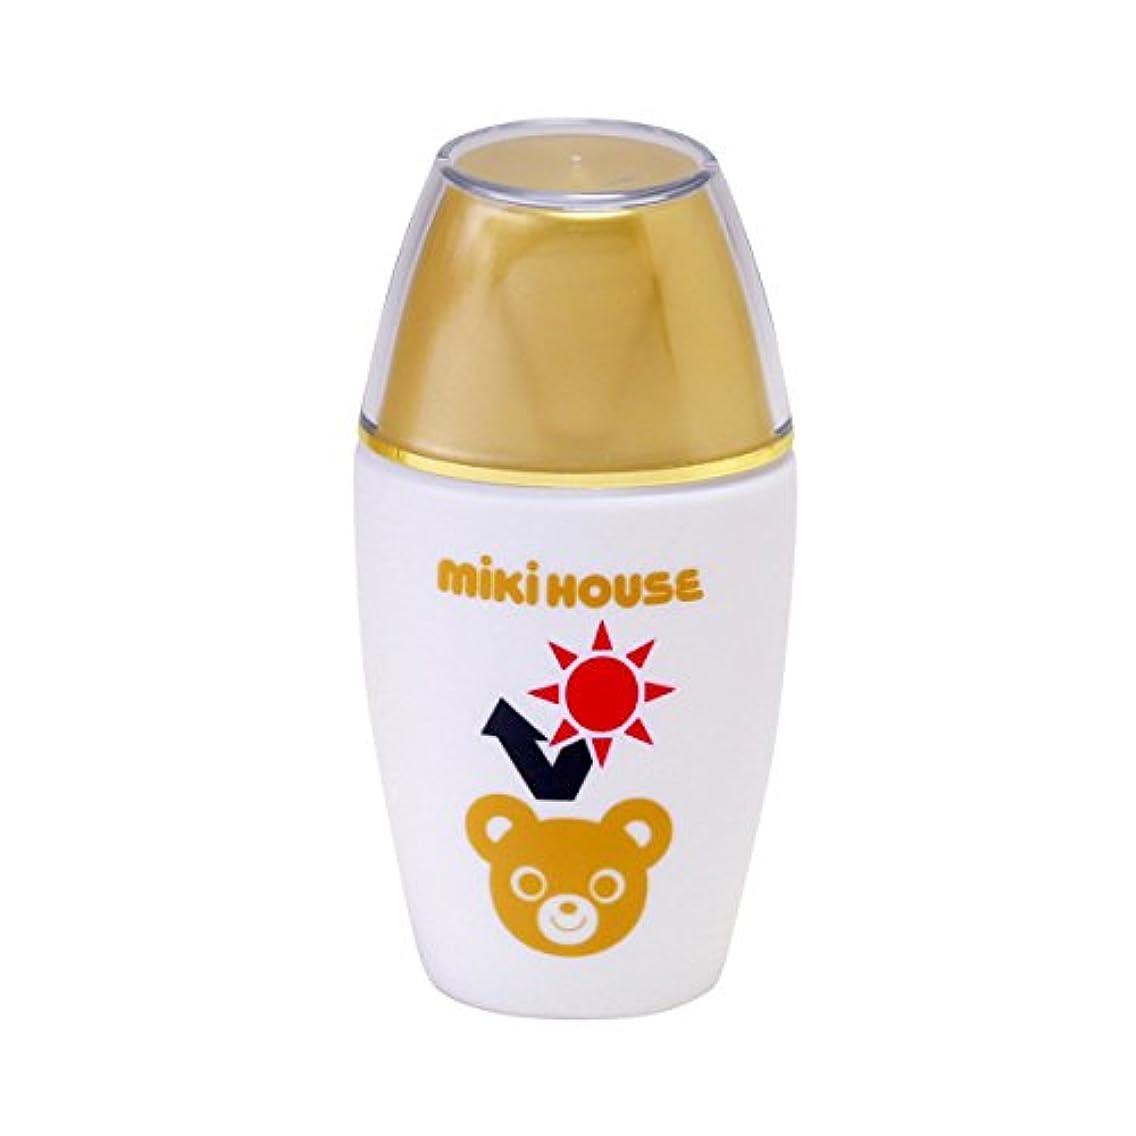 増加する矛盾する俳優ミキハウス (MIKIHOUSE) UVカットミルク 15-3050-787 - -